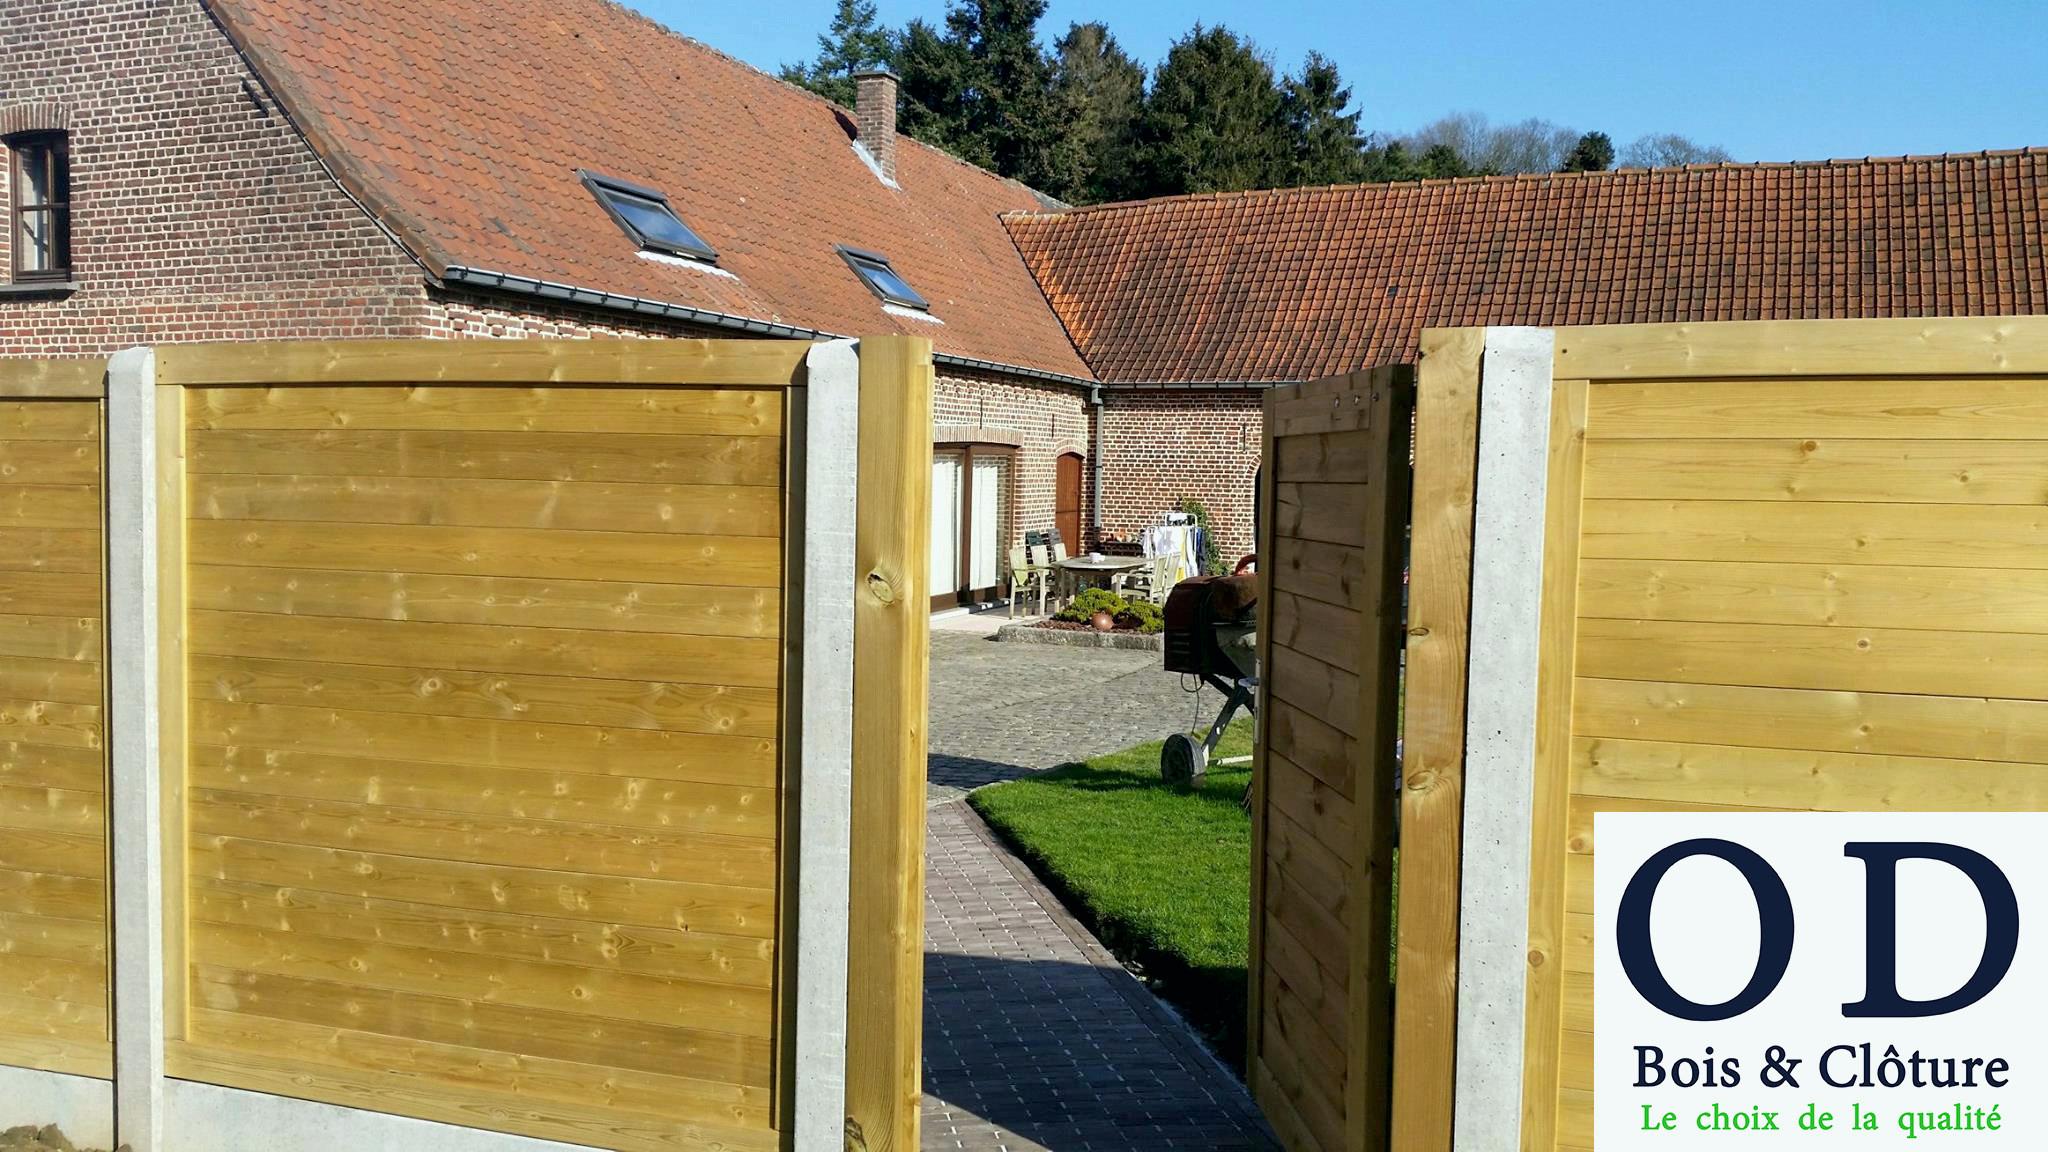 Leroy Merlin Serre De Jardin Unique Image Leroy Merlin Cabane De Jardin Unique Leroy Merlin Cloture Jardin